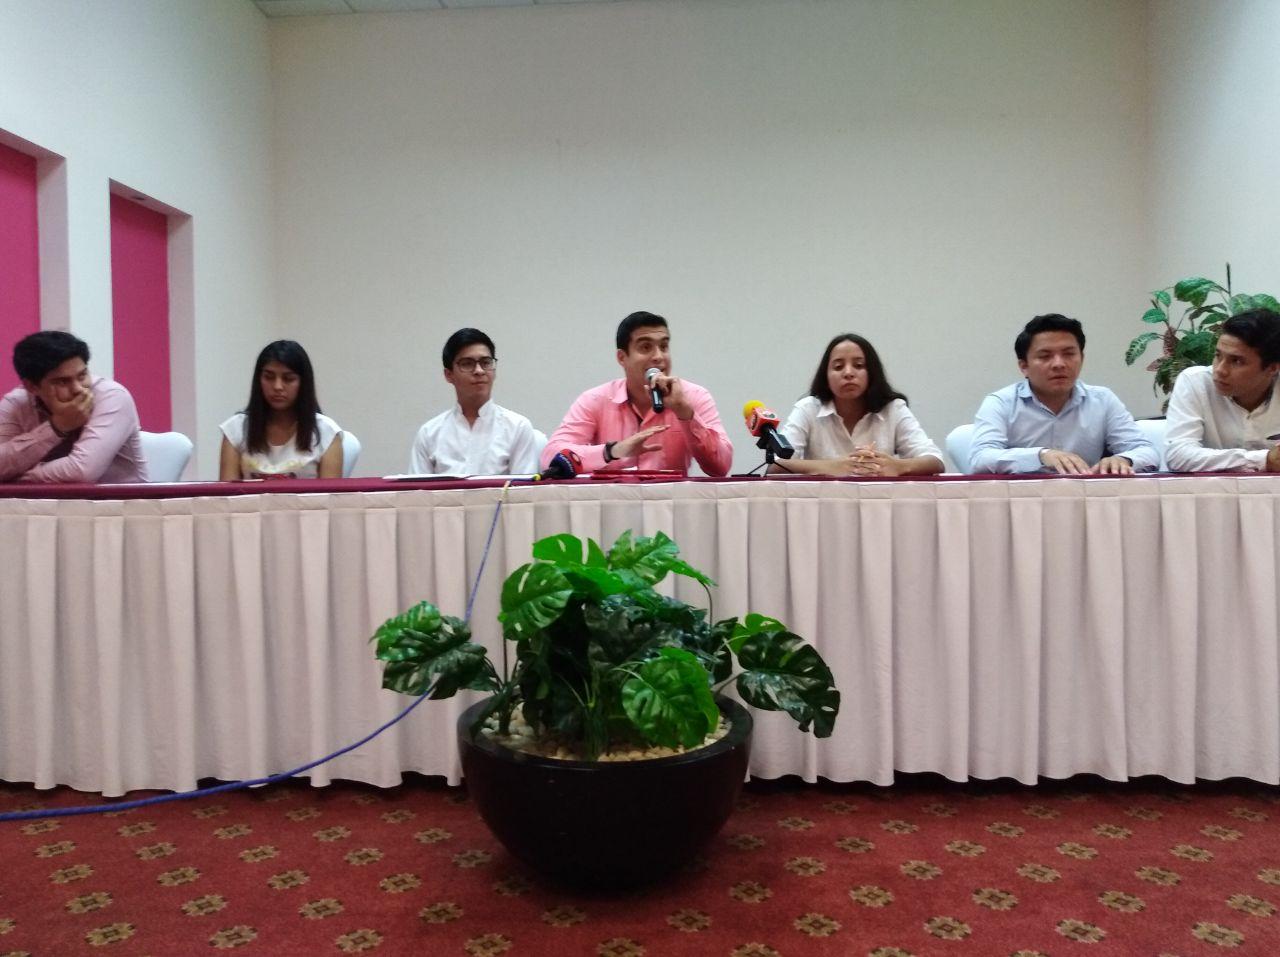 Niega líder estudiantil tintes electorales en conflicto